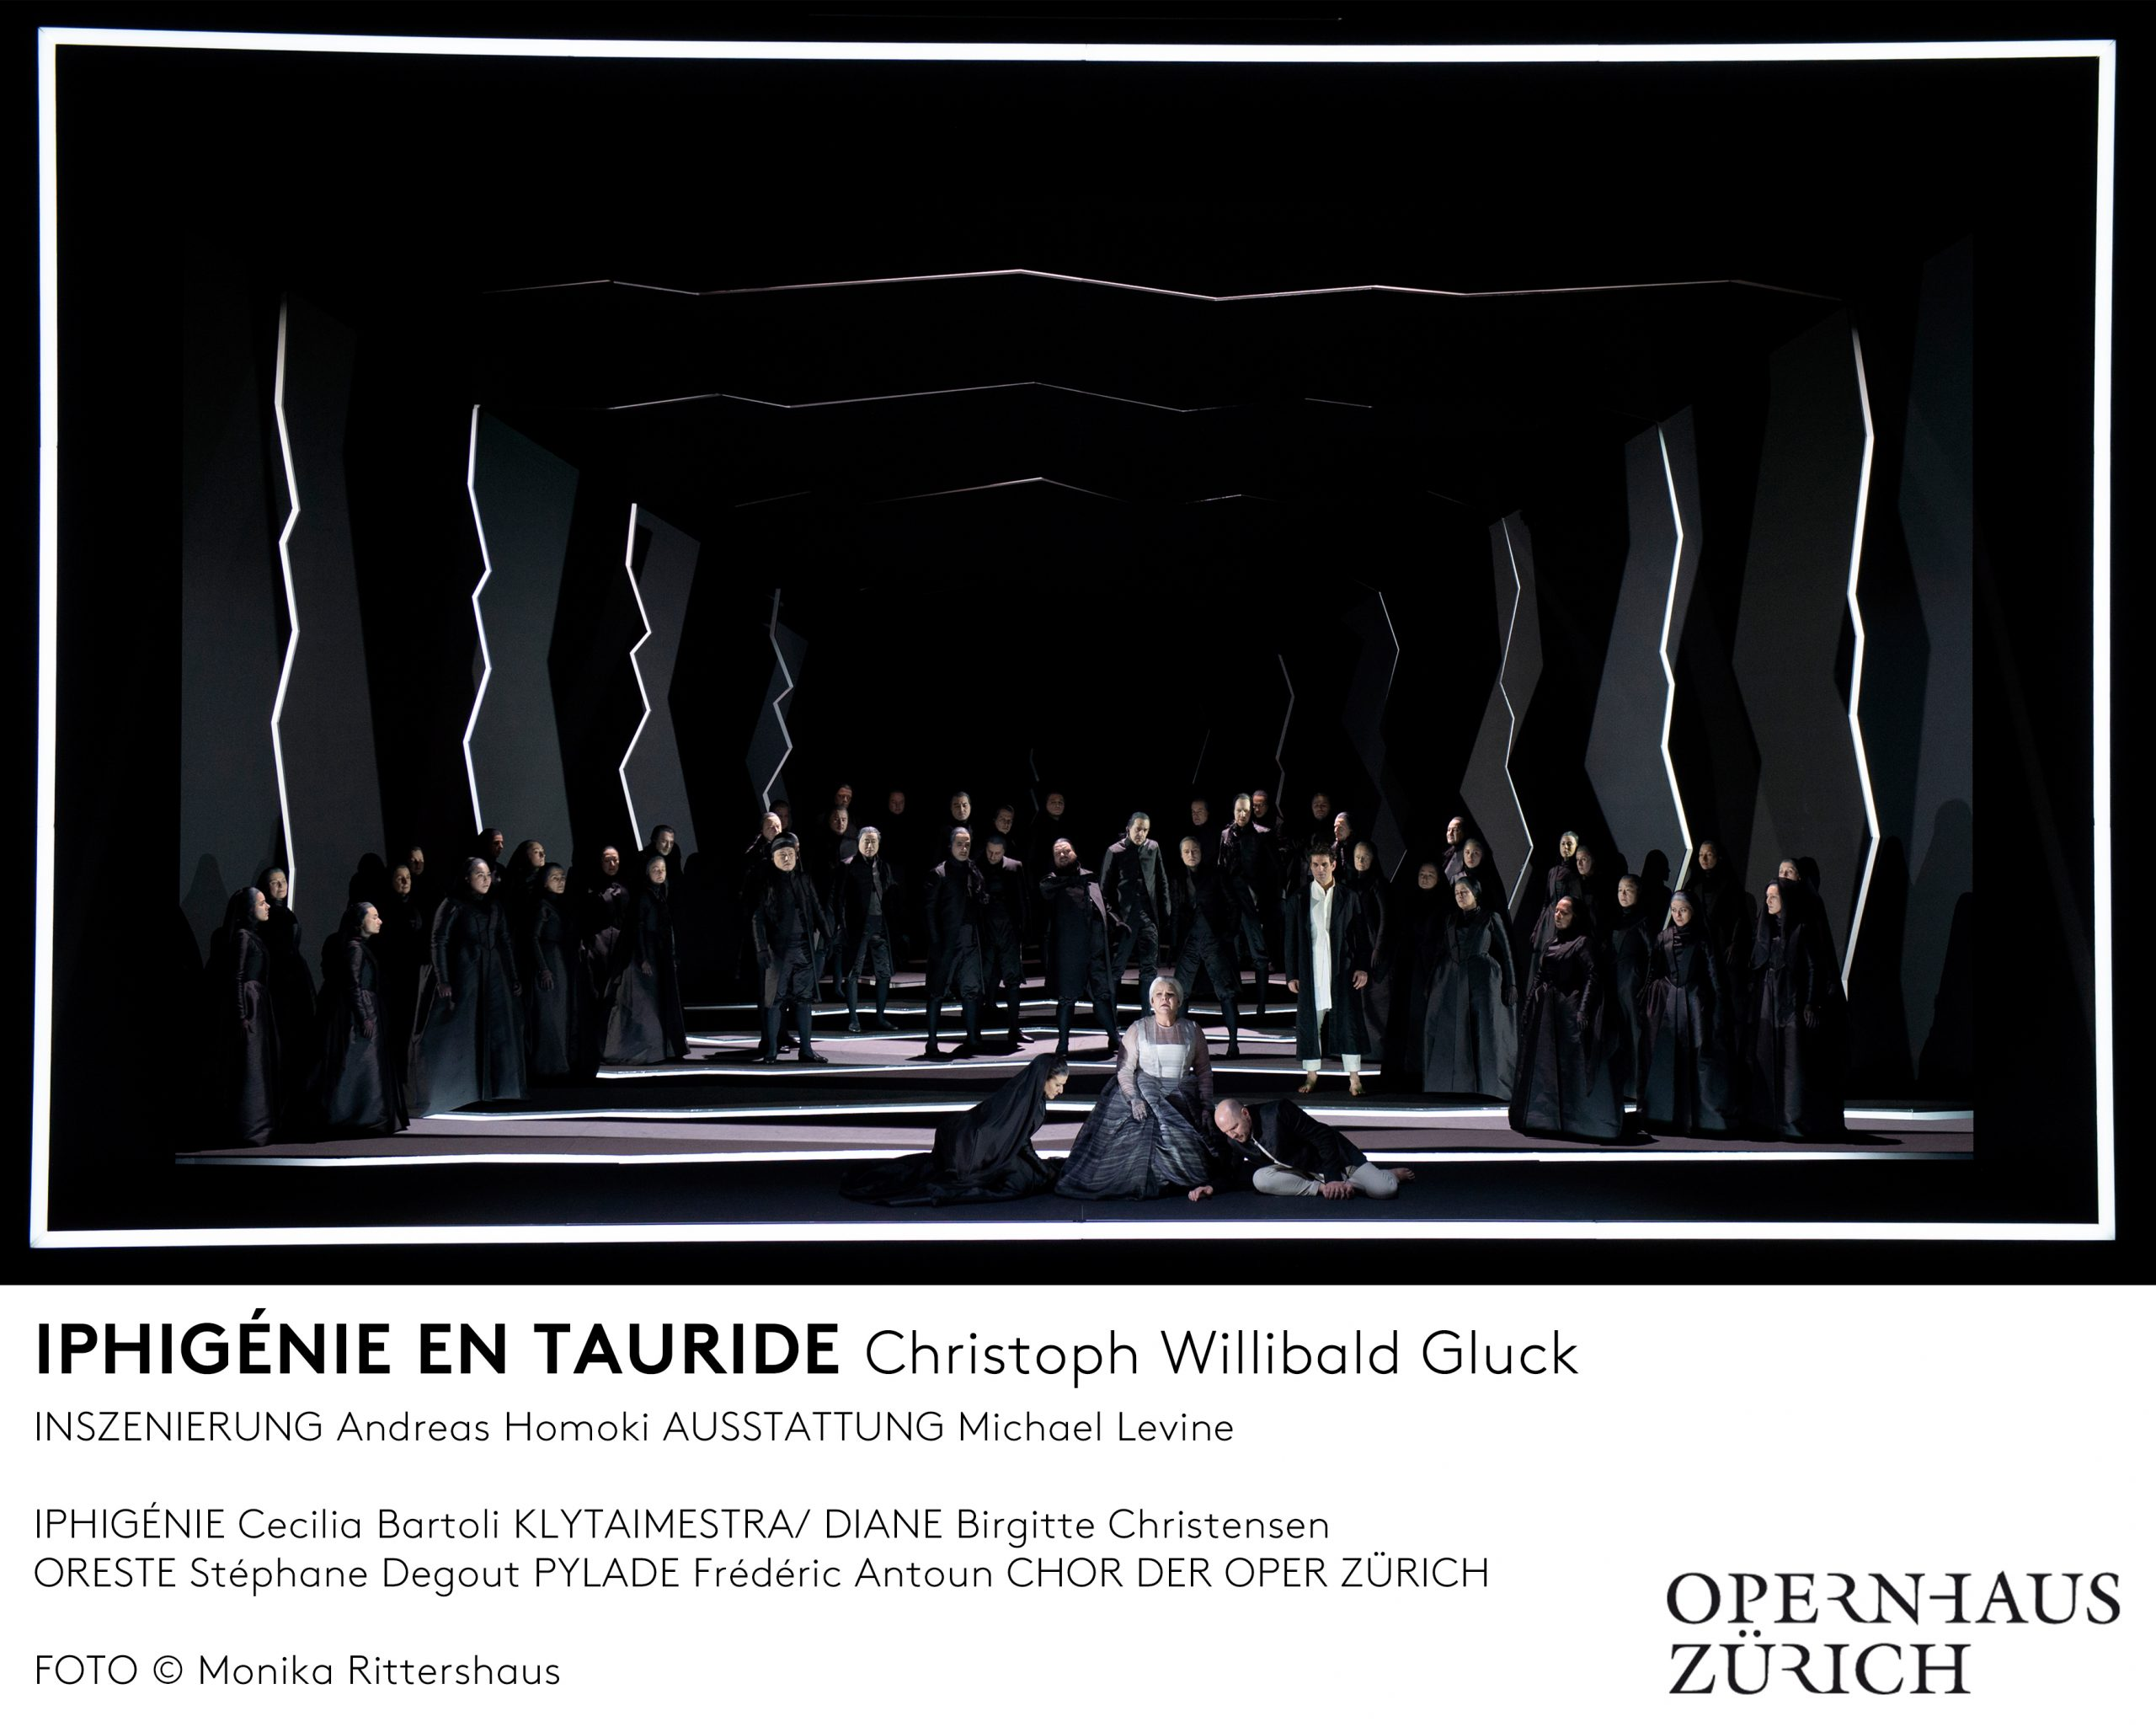 Christoph Willibald Gluck: Iphigénie en Tauride / Opernhaus Zürich